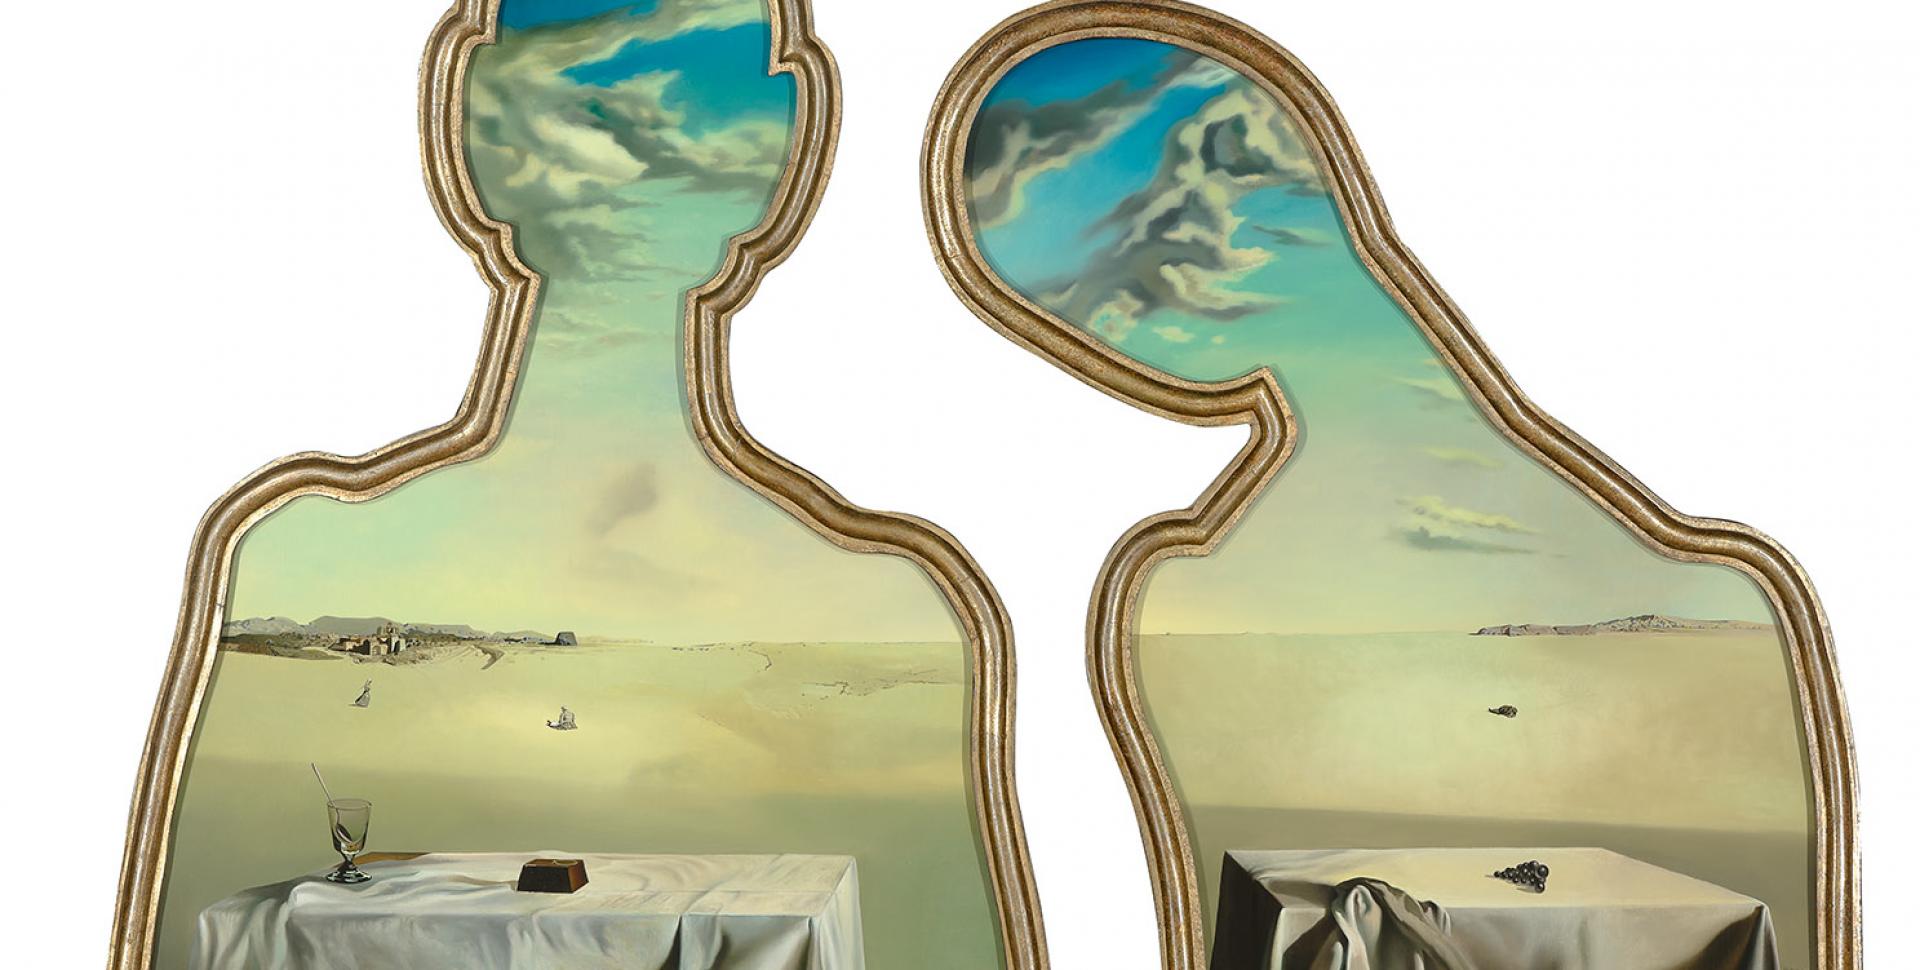 Restaureren In Een Tentoonstellingszaal Salvador Dali Museum